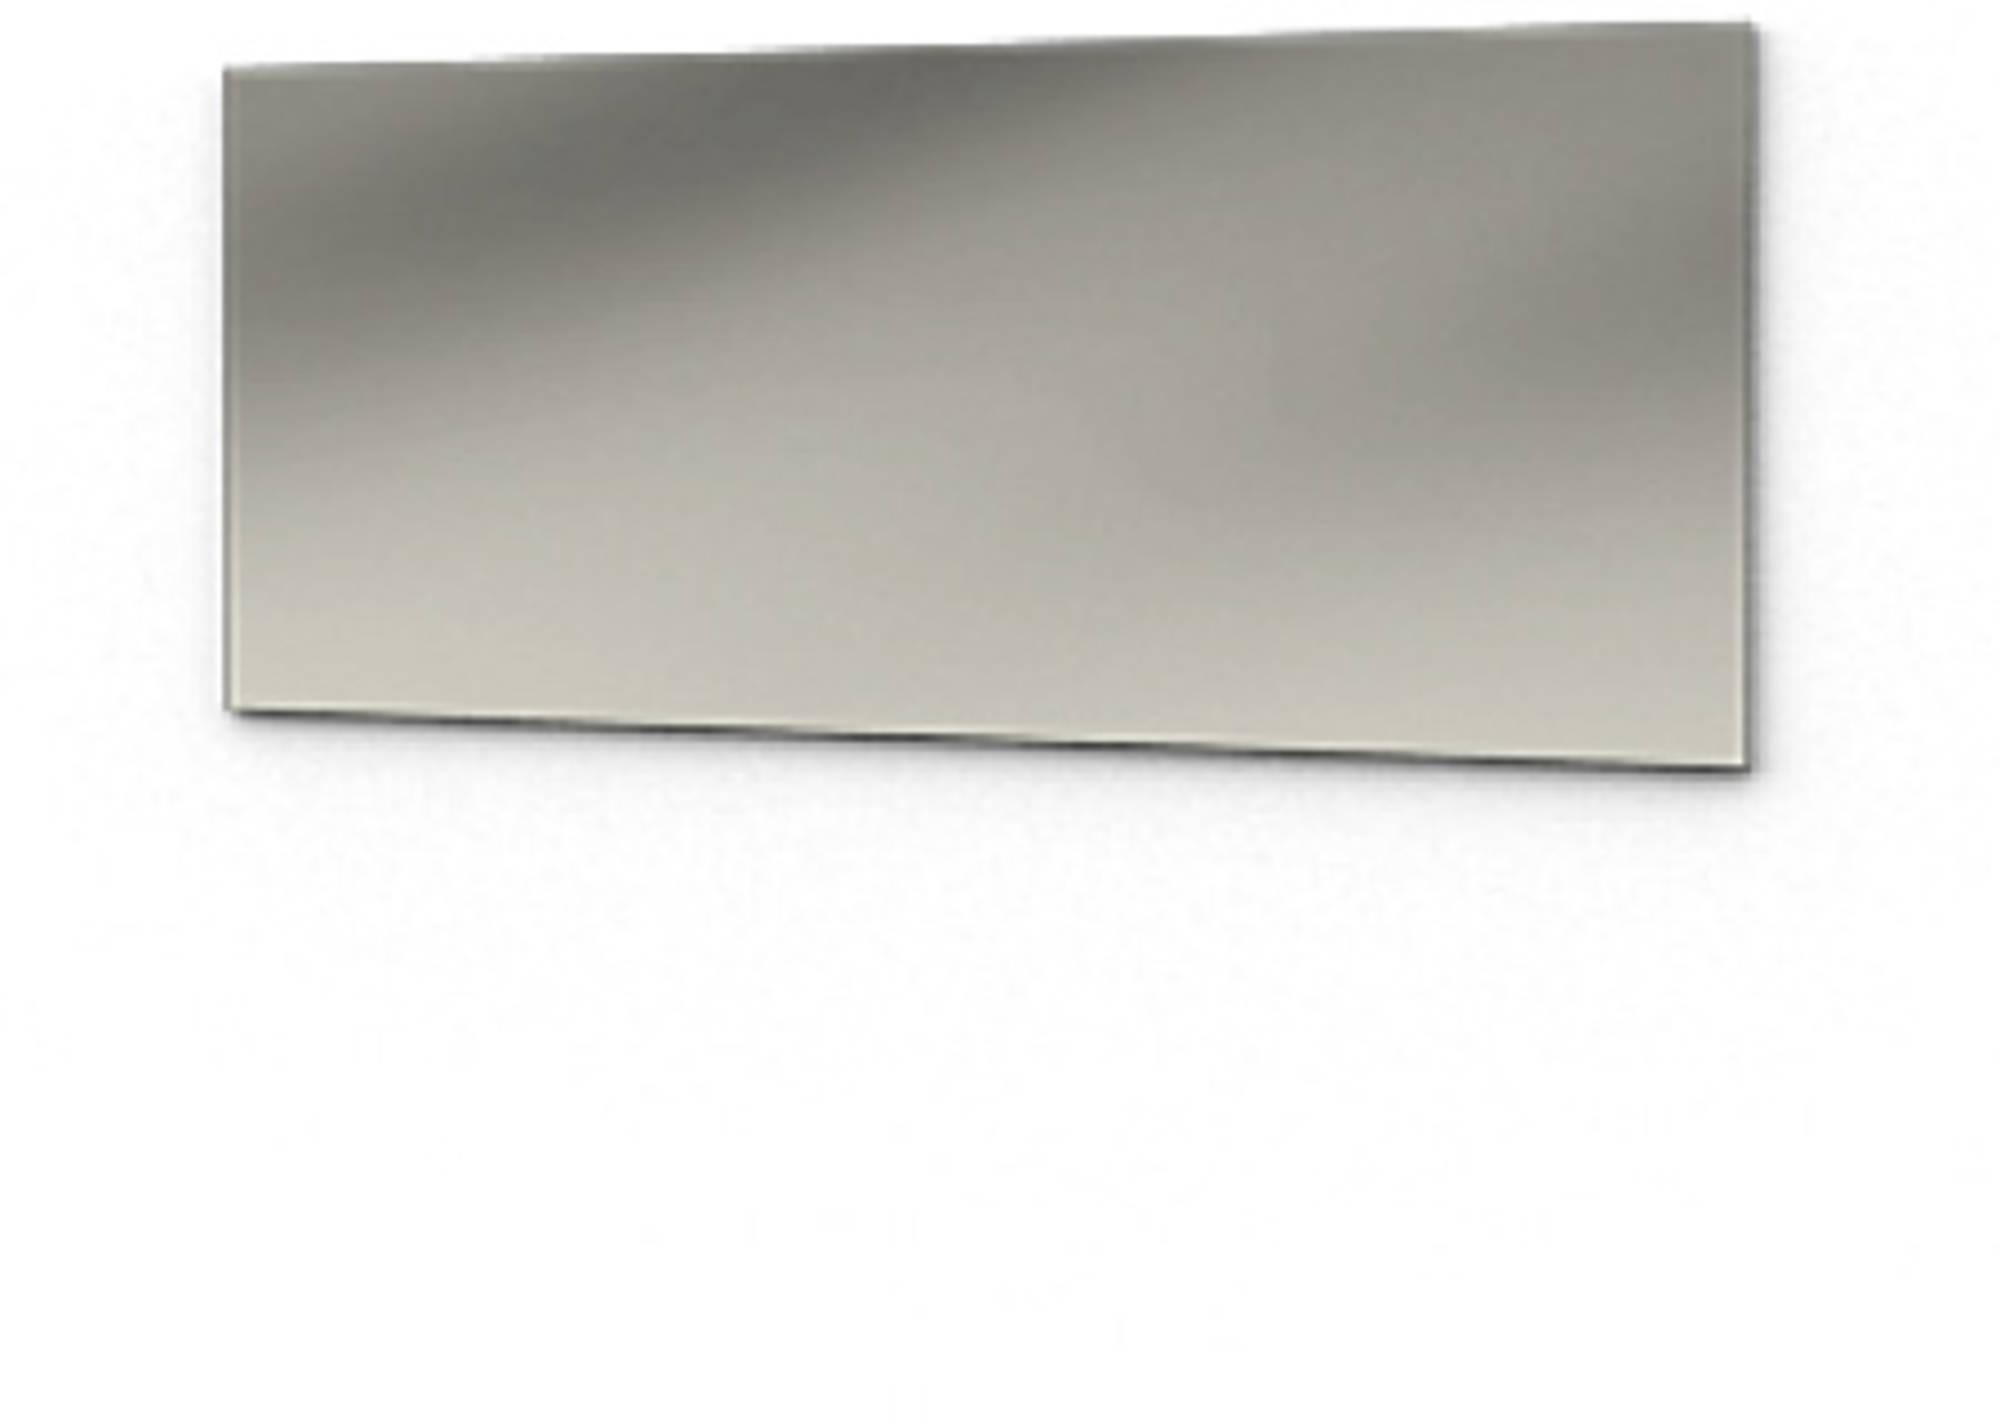 Ben Mirano Spiegel rondom Geslepen met blinde ophang 200,1-220x130-150 cm